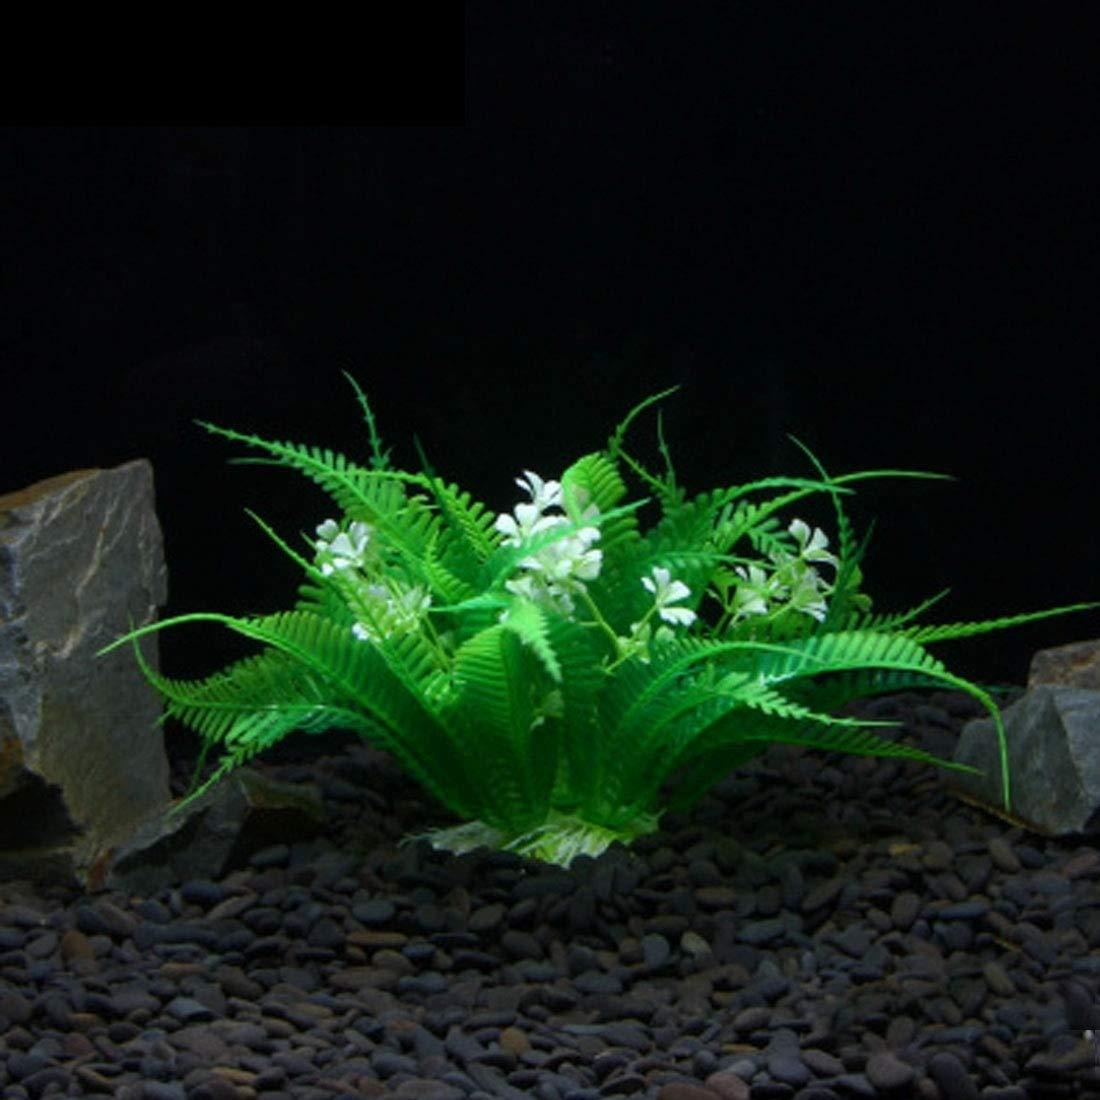 Perfect Home Artificial Tree Plant Grass Refinement Figurines Miniatures Aquarium Fish Tank Landscape, Size  25.0 x 18.0cm Durable